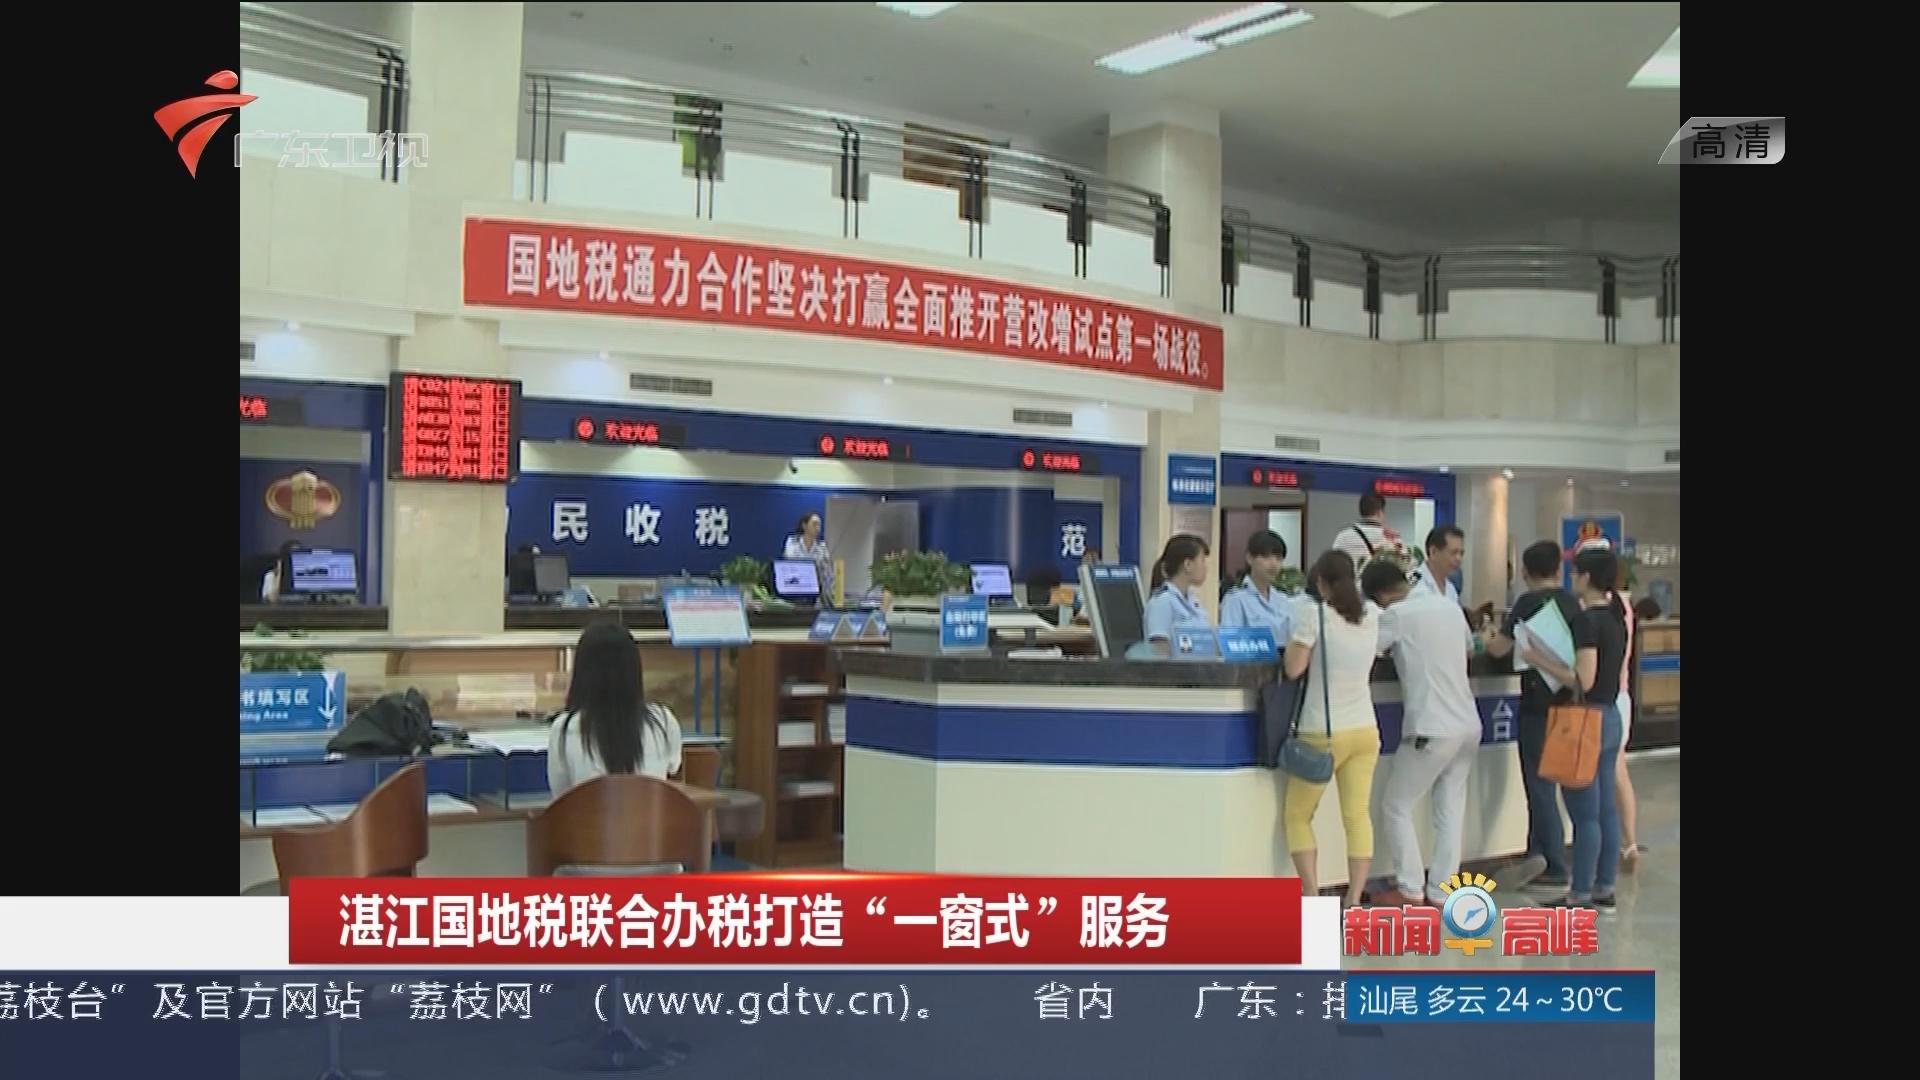 """湛江国地税联合办税打造""""一窗式""""服务"""